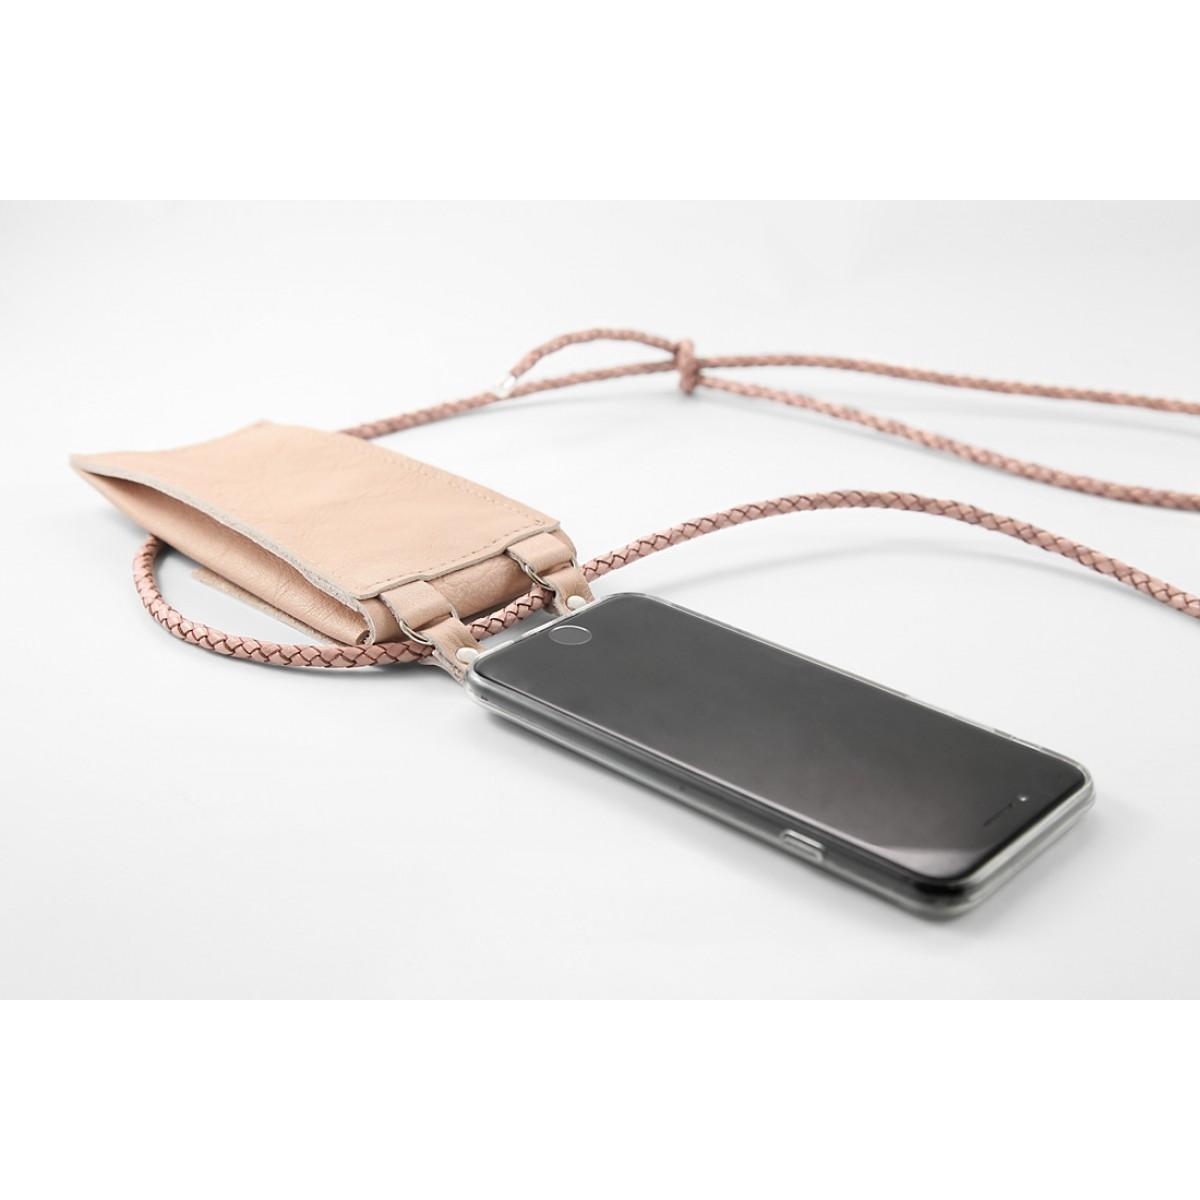 iPhone case zum umhängen mit geflochtener Lederkordel und abnehmbarer Tasche, Rosé/silber